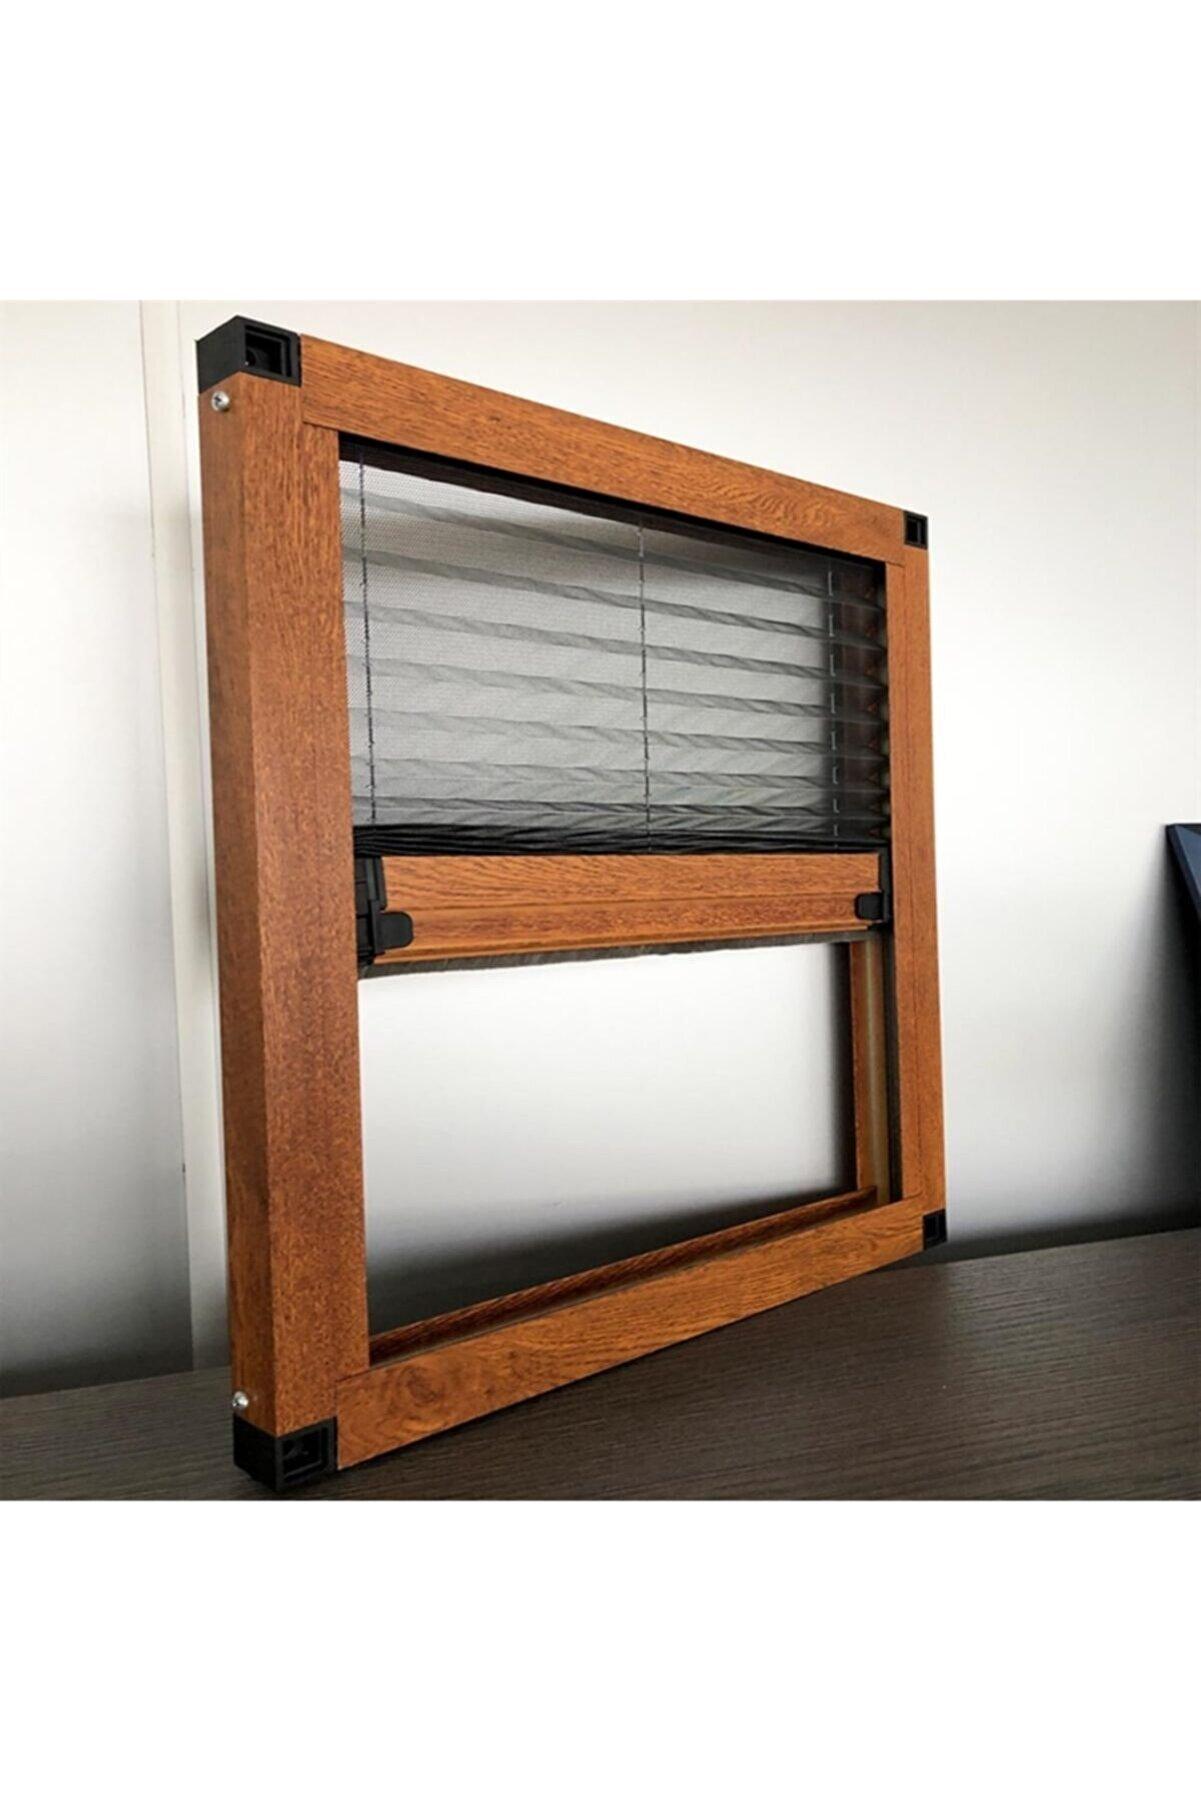 KARABEYOĞULLARI Ahşap Kaplama Plise Sineklik Akordiyon Sürgülü Pileli Sineklik Kapı Ve Pencere 40-60x40-60